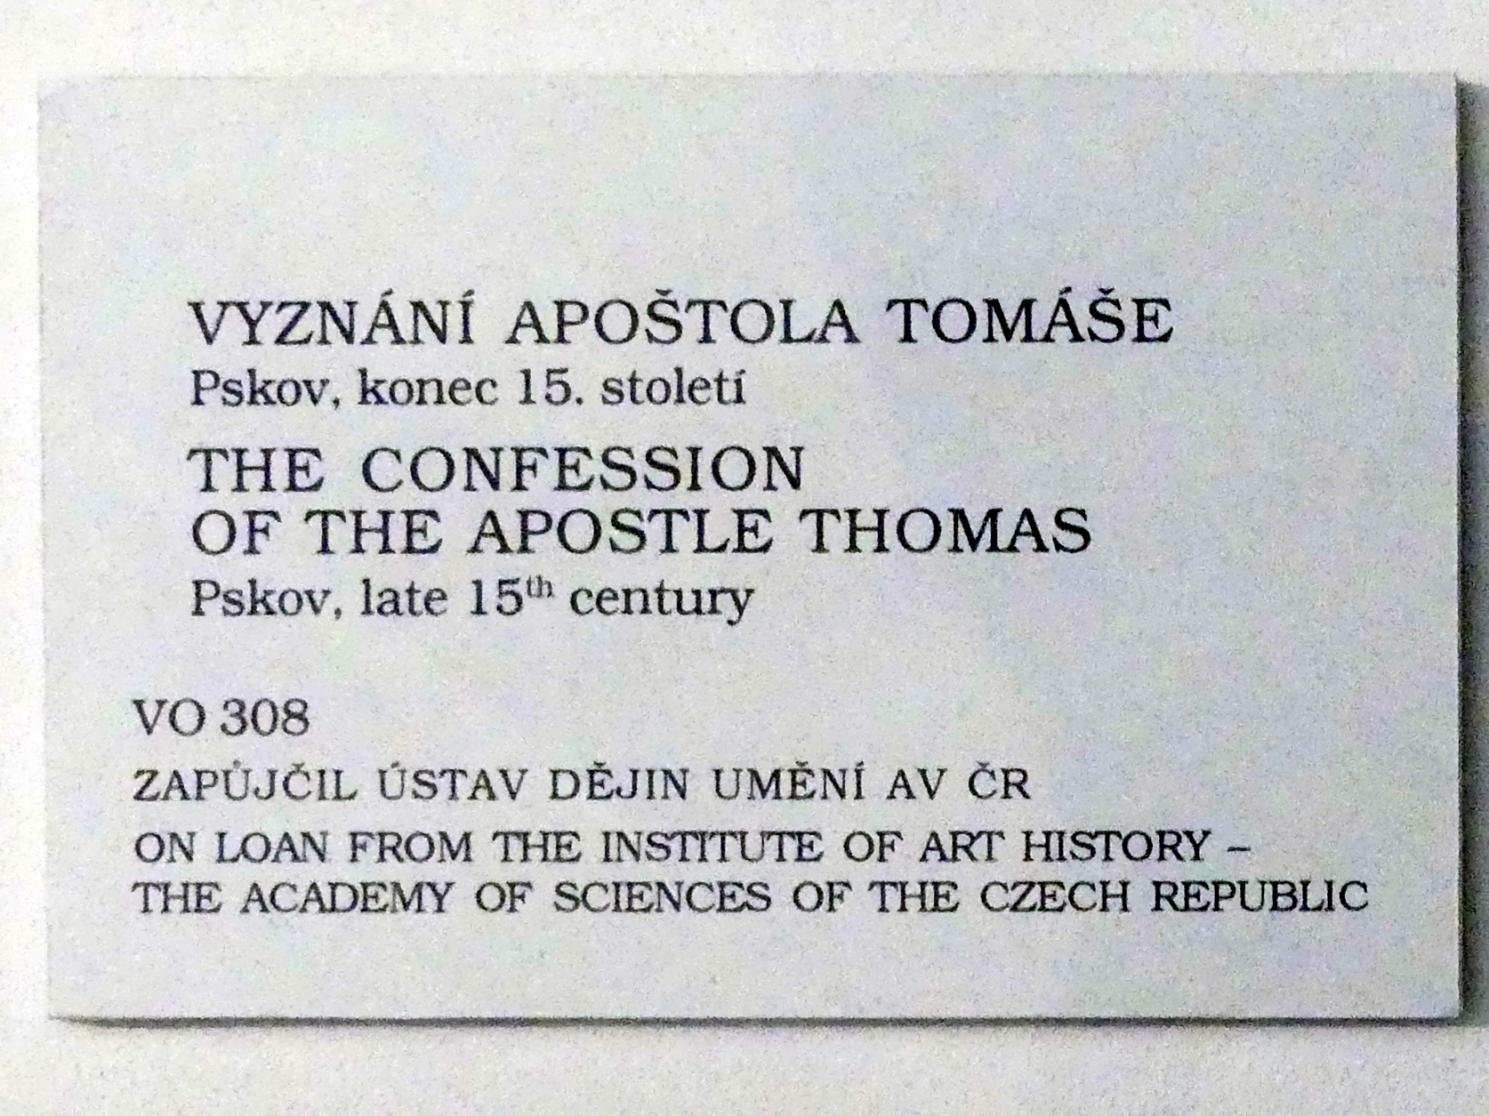 Das Bekenntnis des Apostel Thomas, Ende 15. Jhd., Bild 2/2